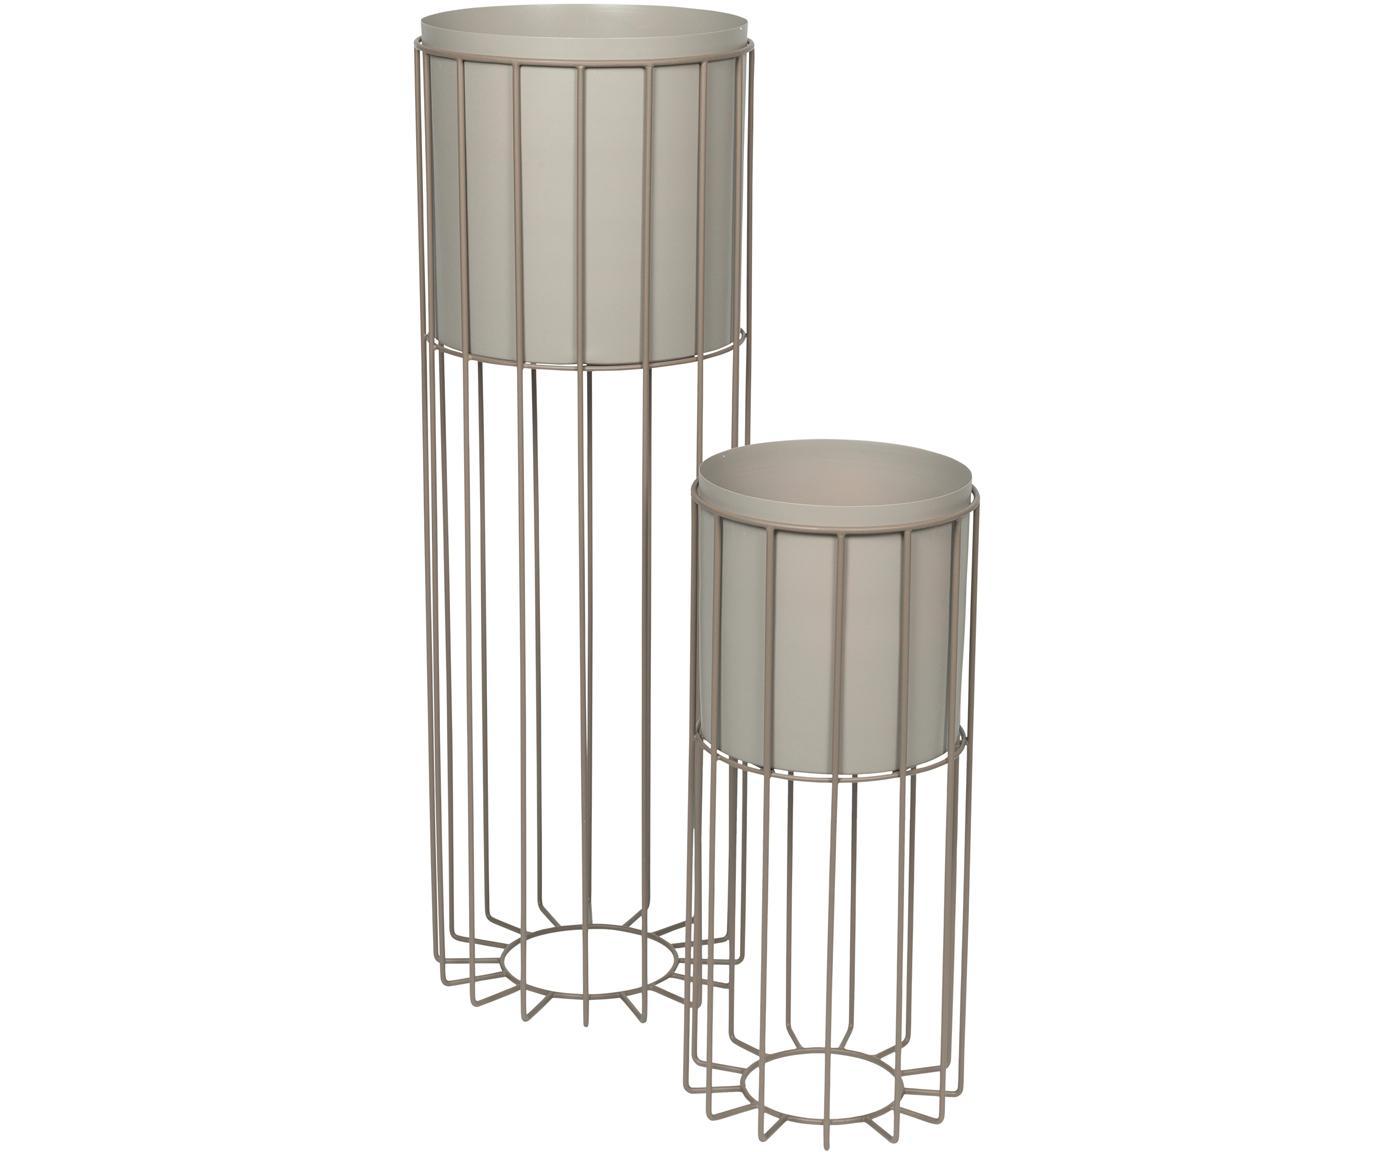 Übertöpfe-Set Fenja, 2-tlg., Metall, beschichtet, Grau, Sondergrößen